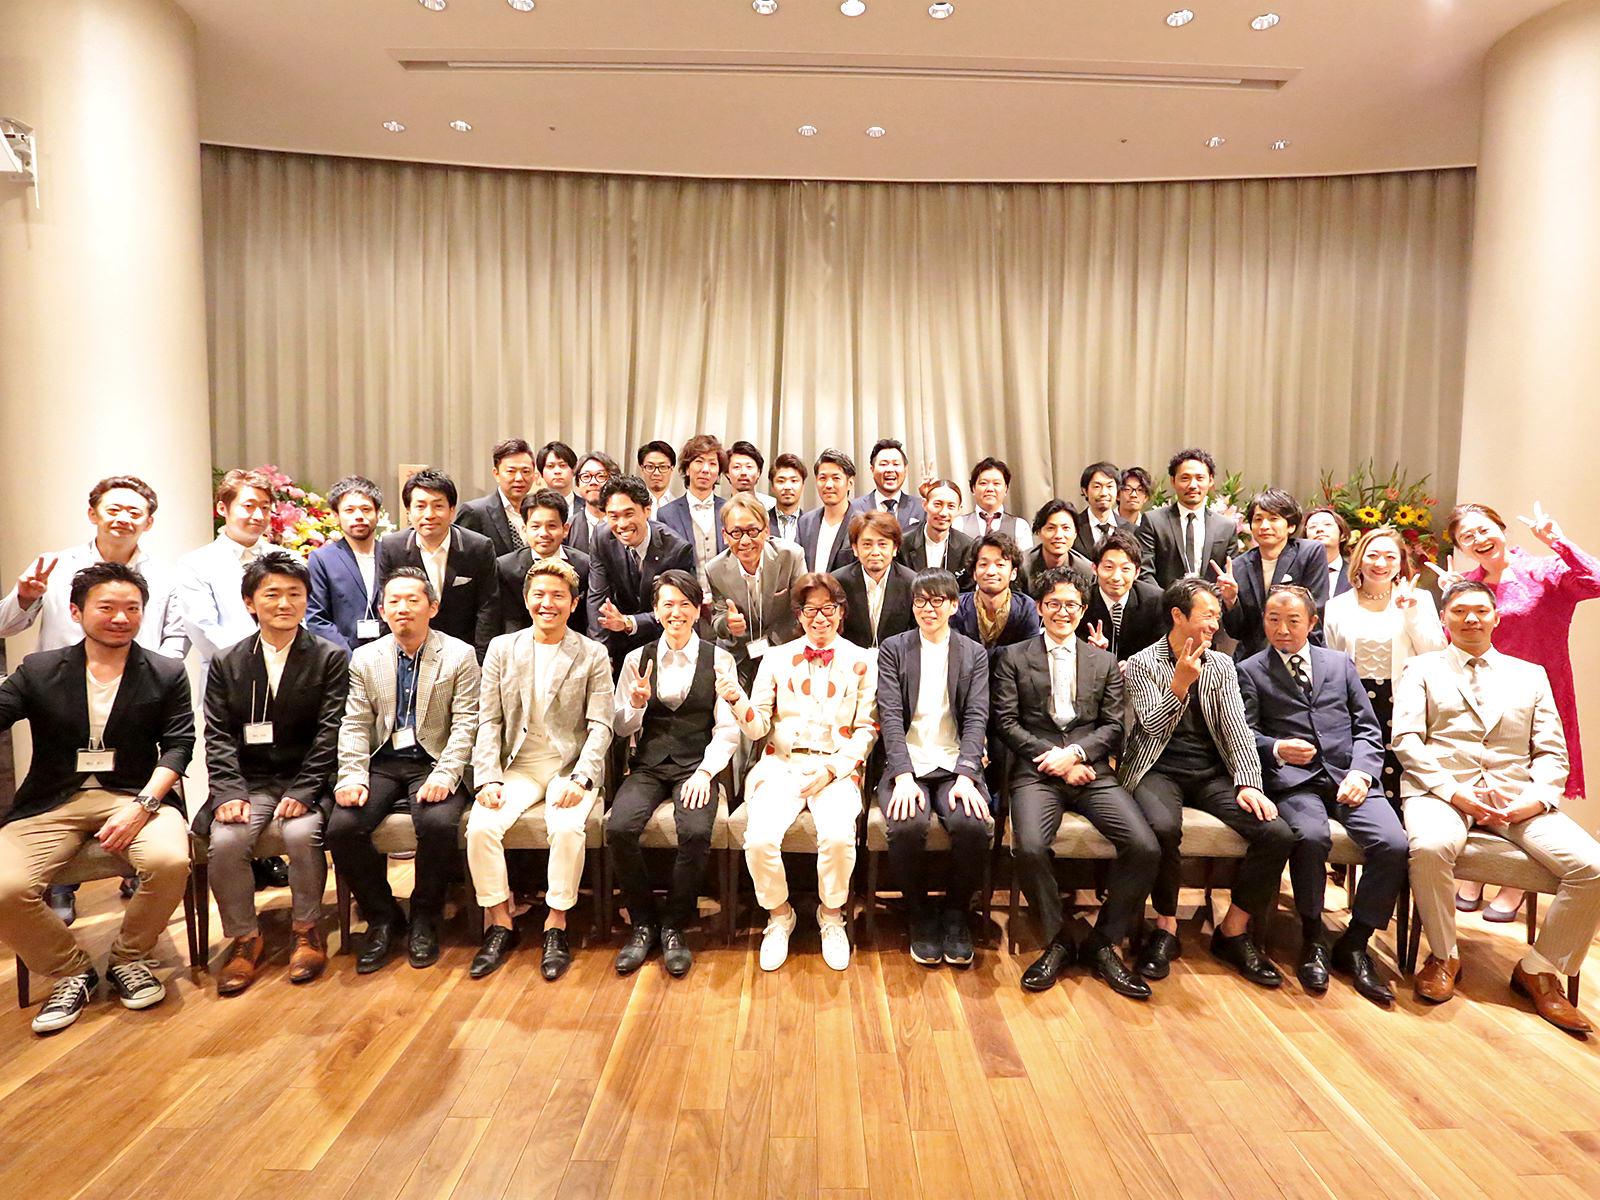 コムズグループは、人との出会いの結晶です。 たくさんの大切な仲間と共に日本一を目指します。